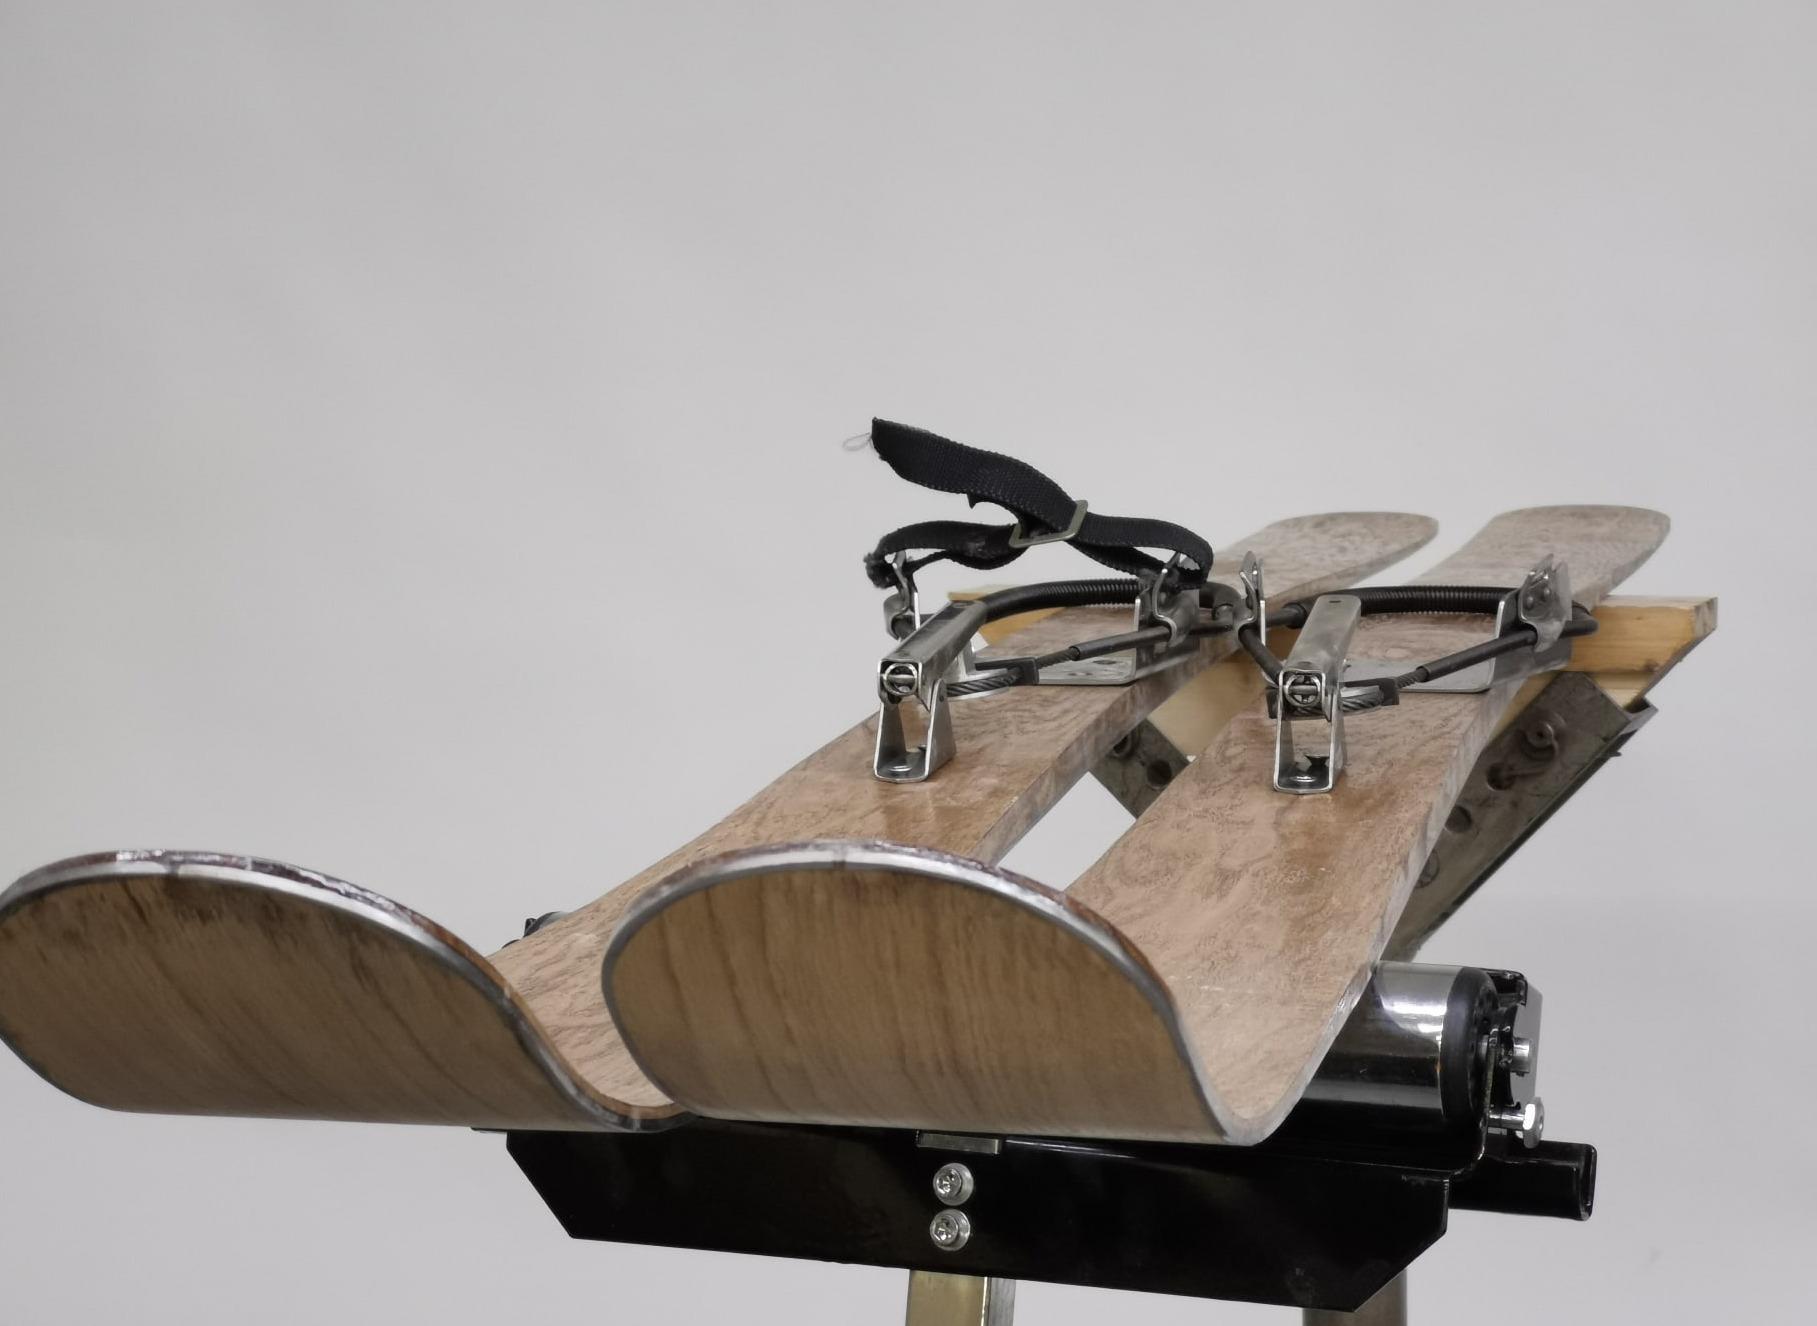 Шифонеры или композитные лыжи с дубовым скользяком специально для туризма